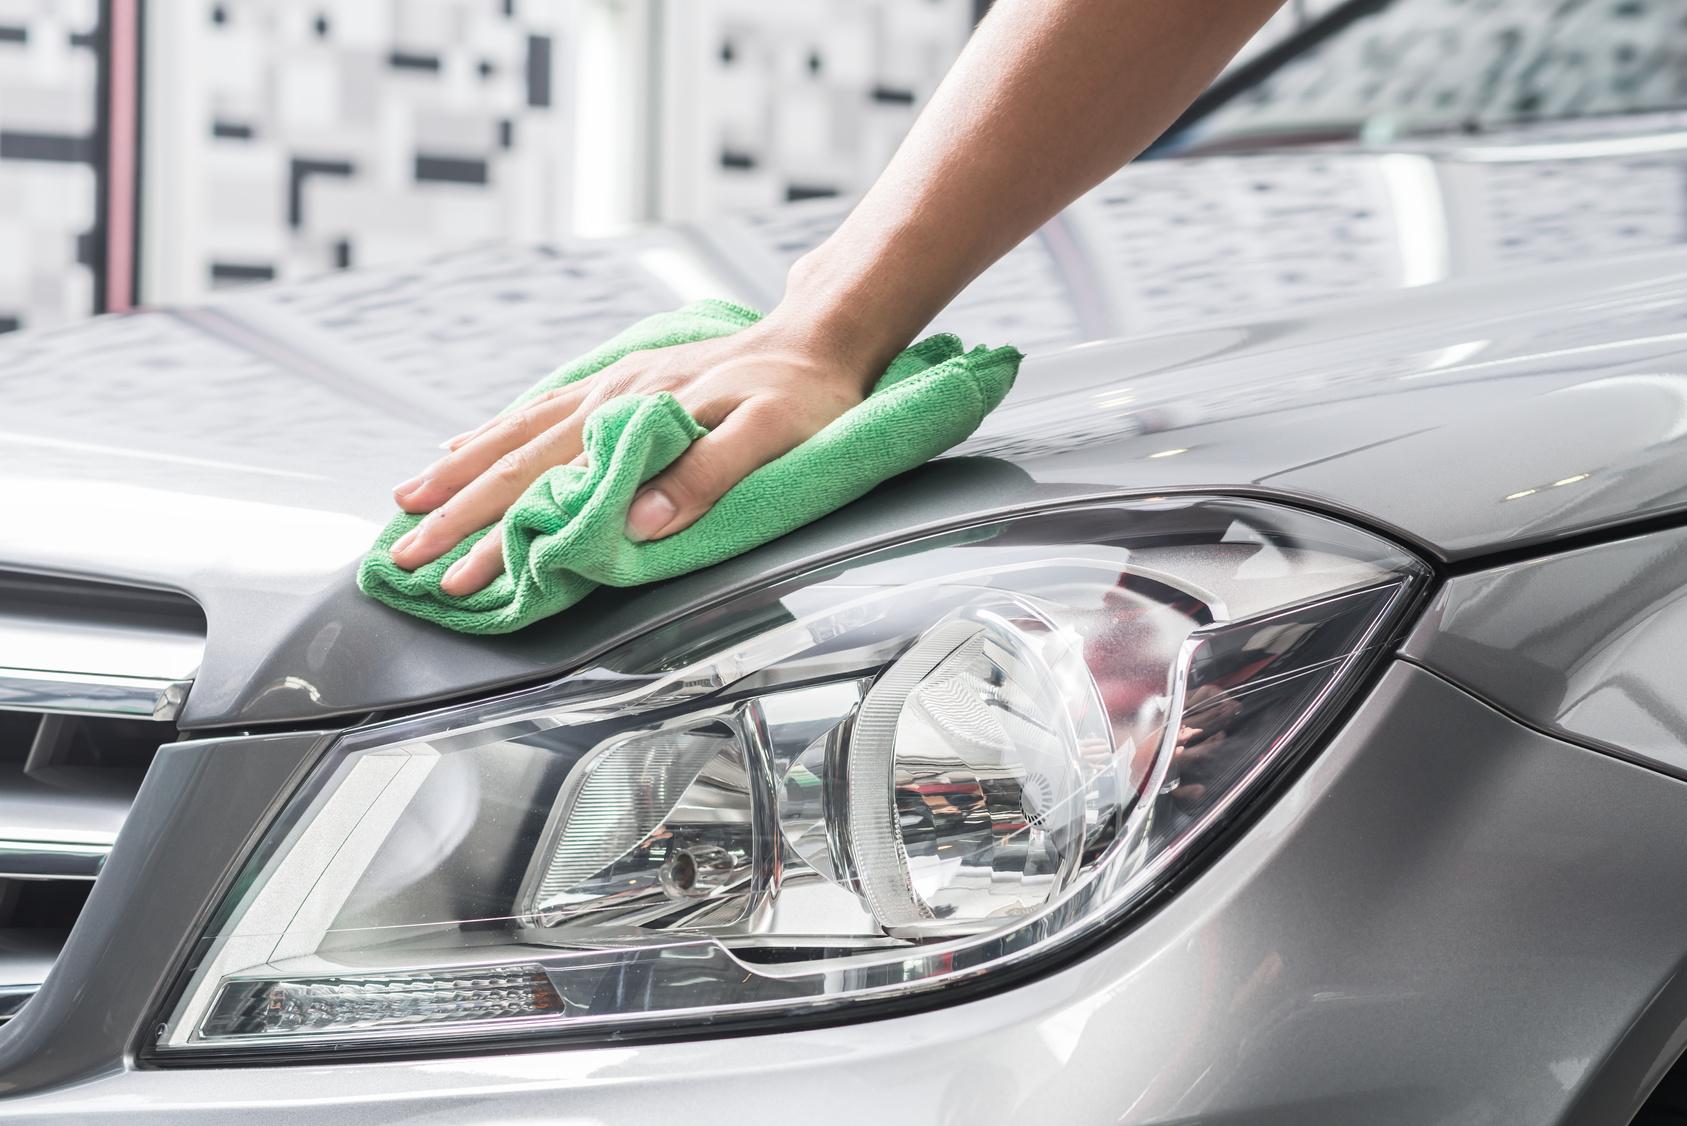 Henkilöauton vahaus, käsinpesu, sisäpuhdistus sekä istuimien ja moottorin pesu 119€ (arvo 435€)